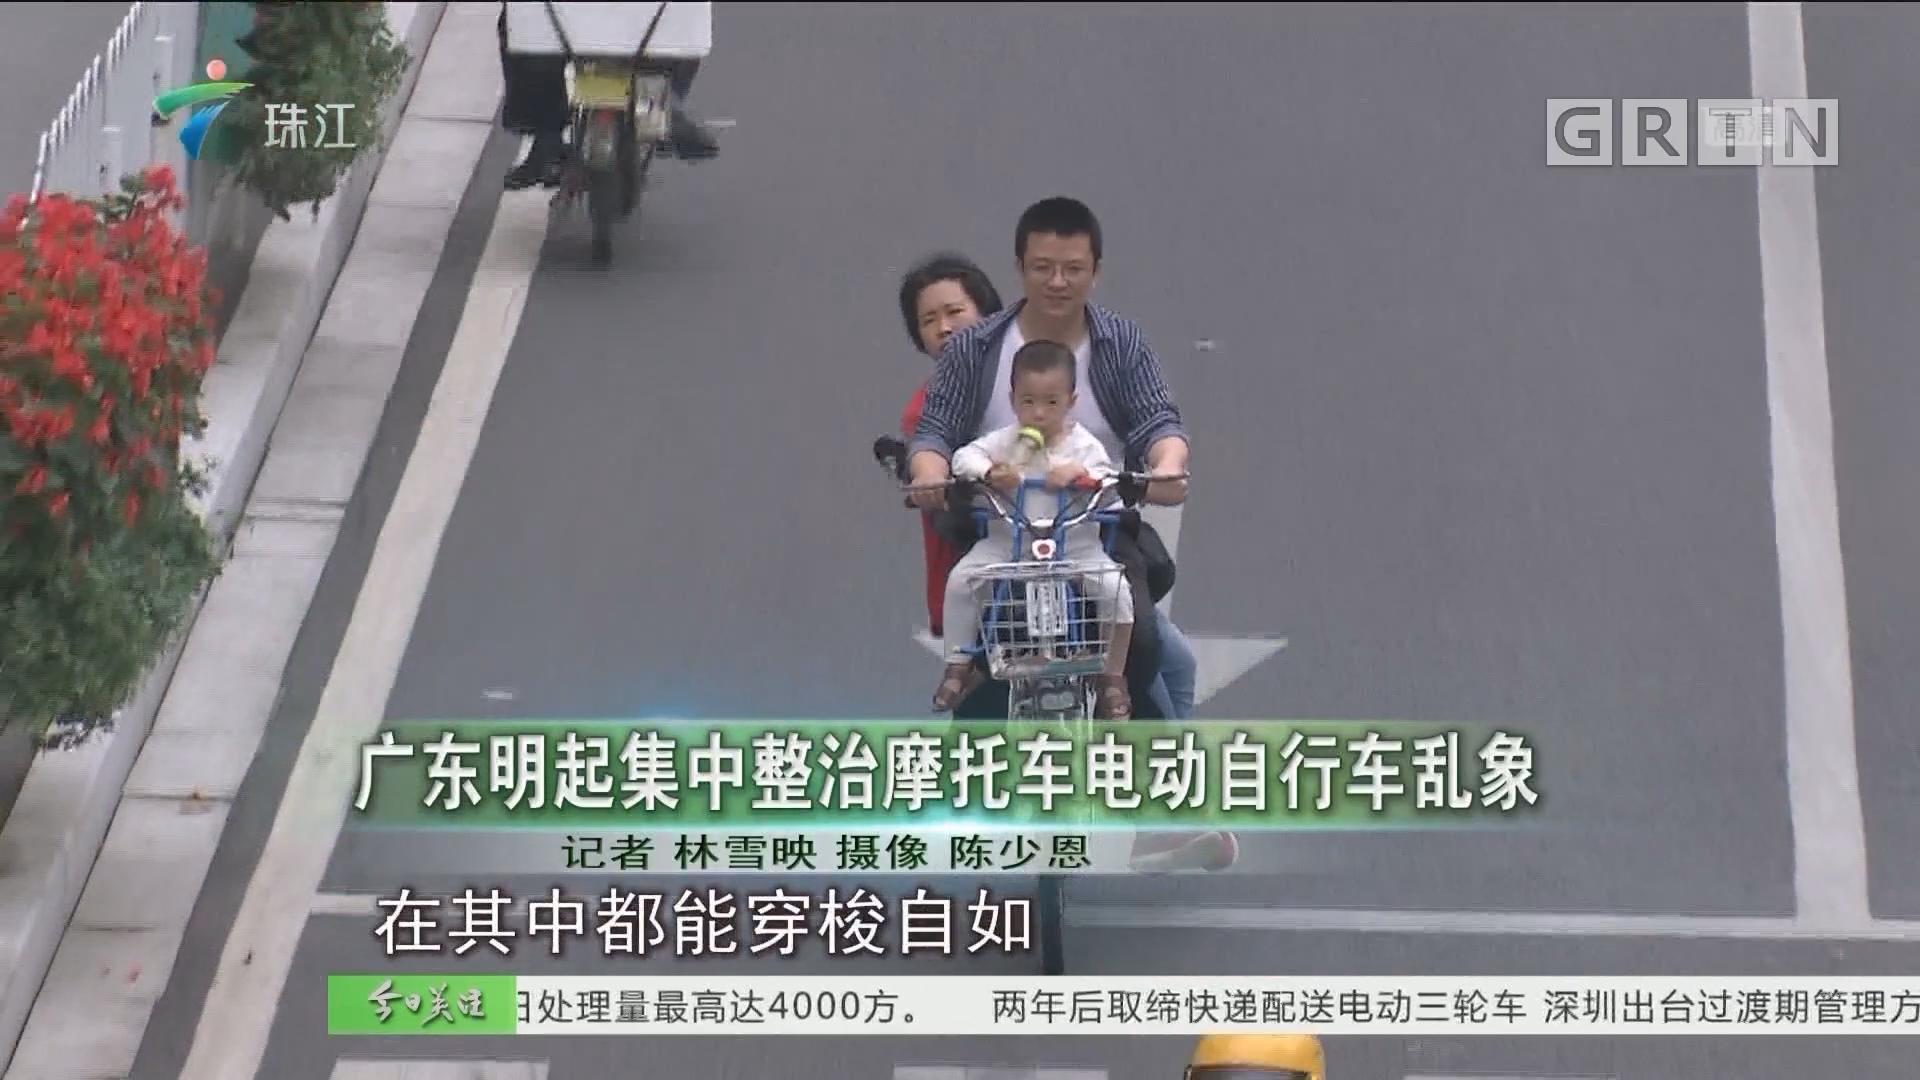 广东明起集中整治摩托车电动自行车乱象